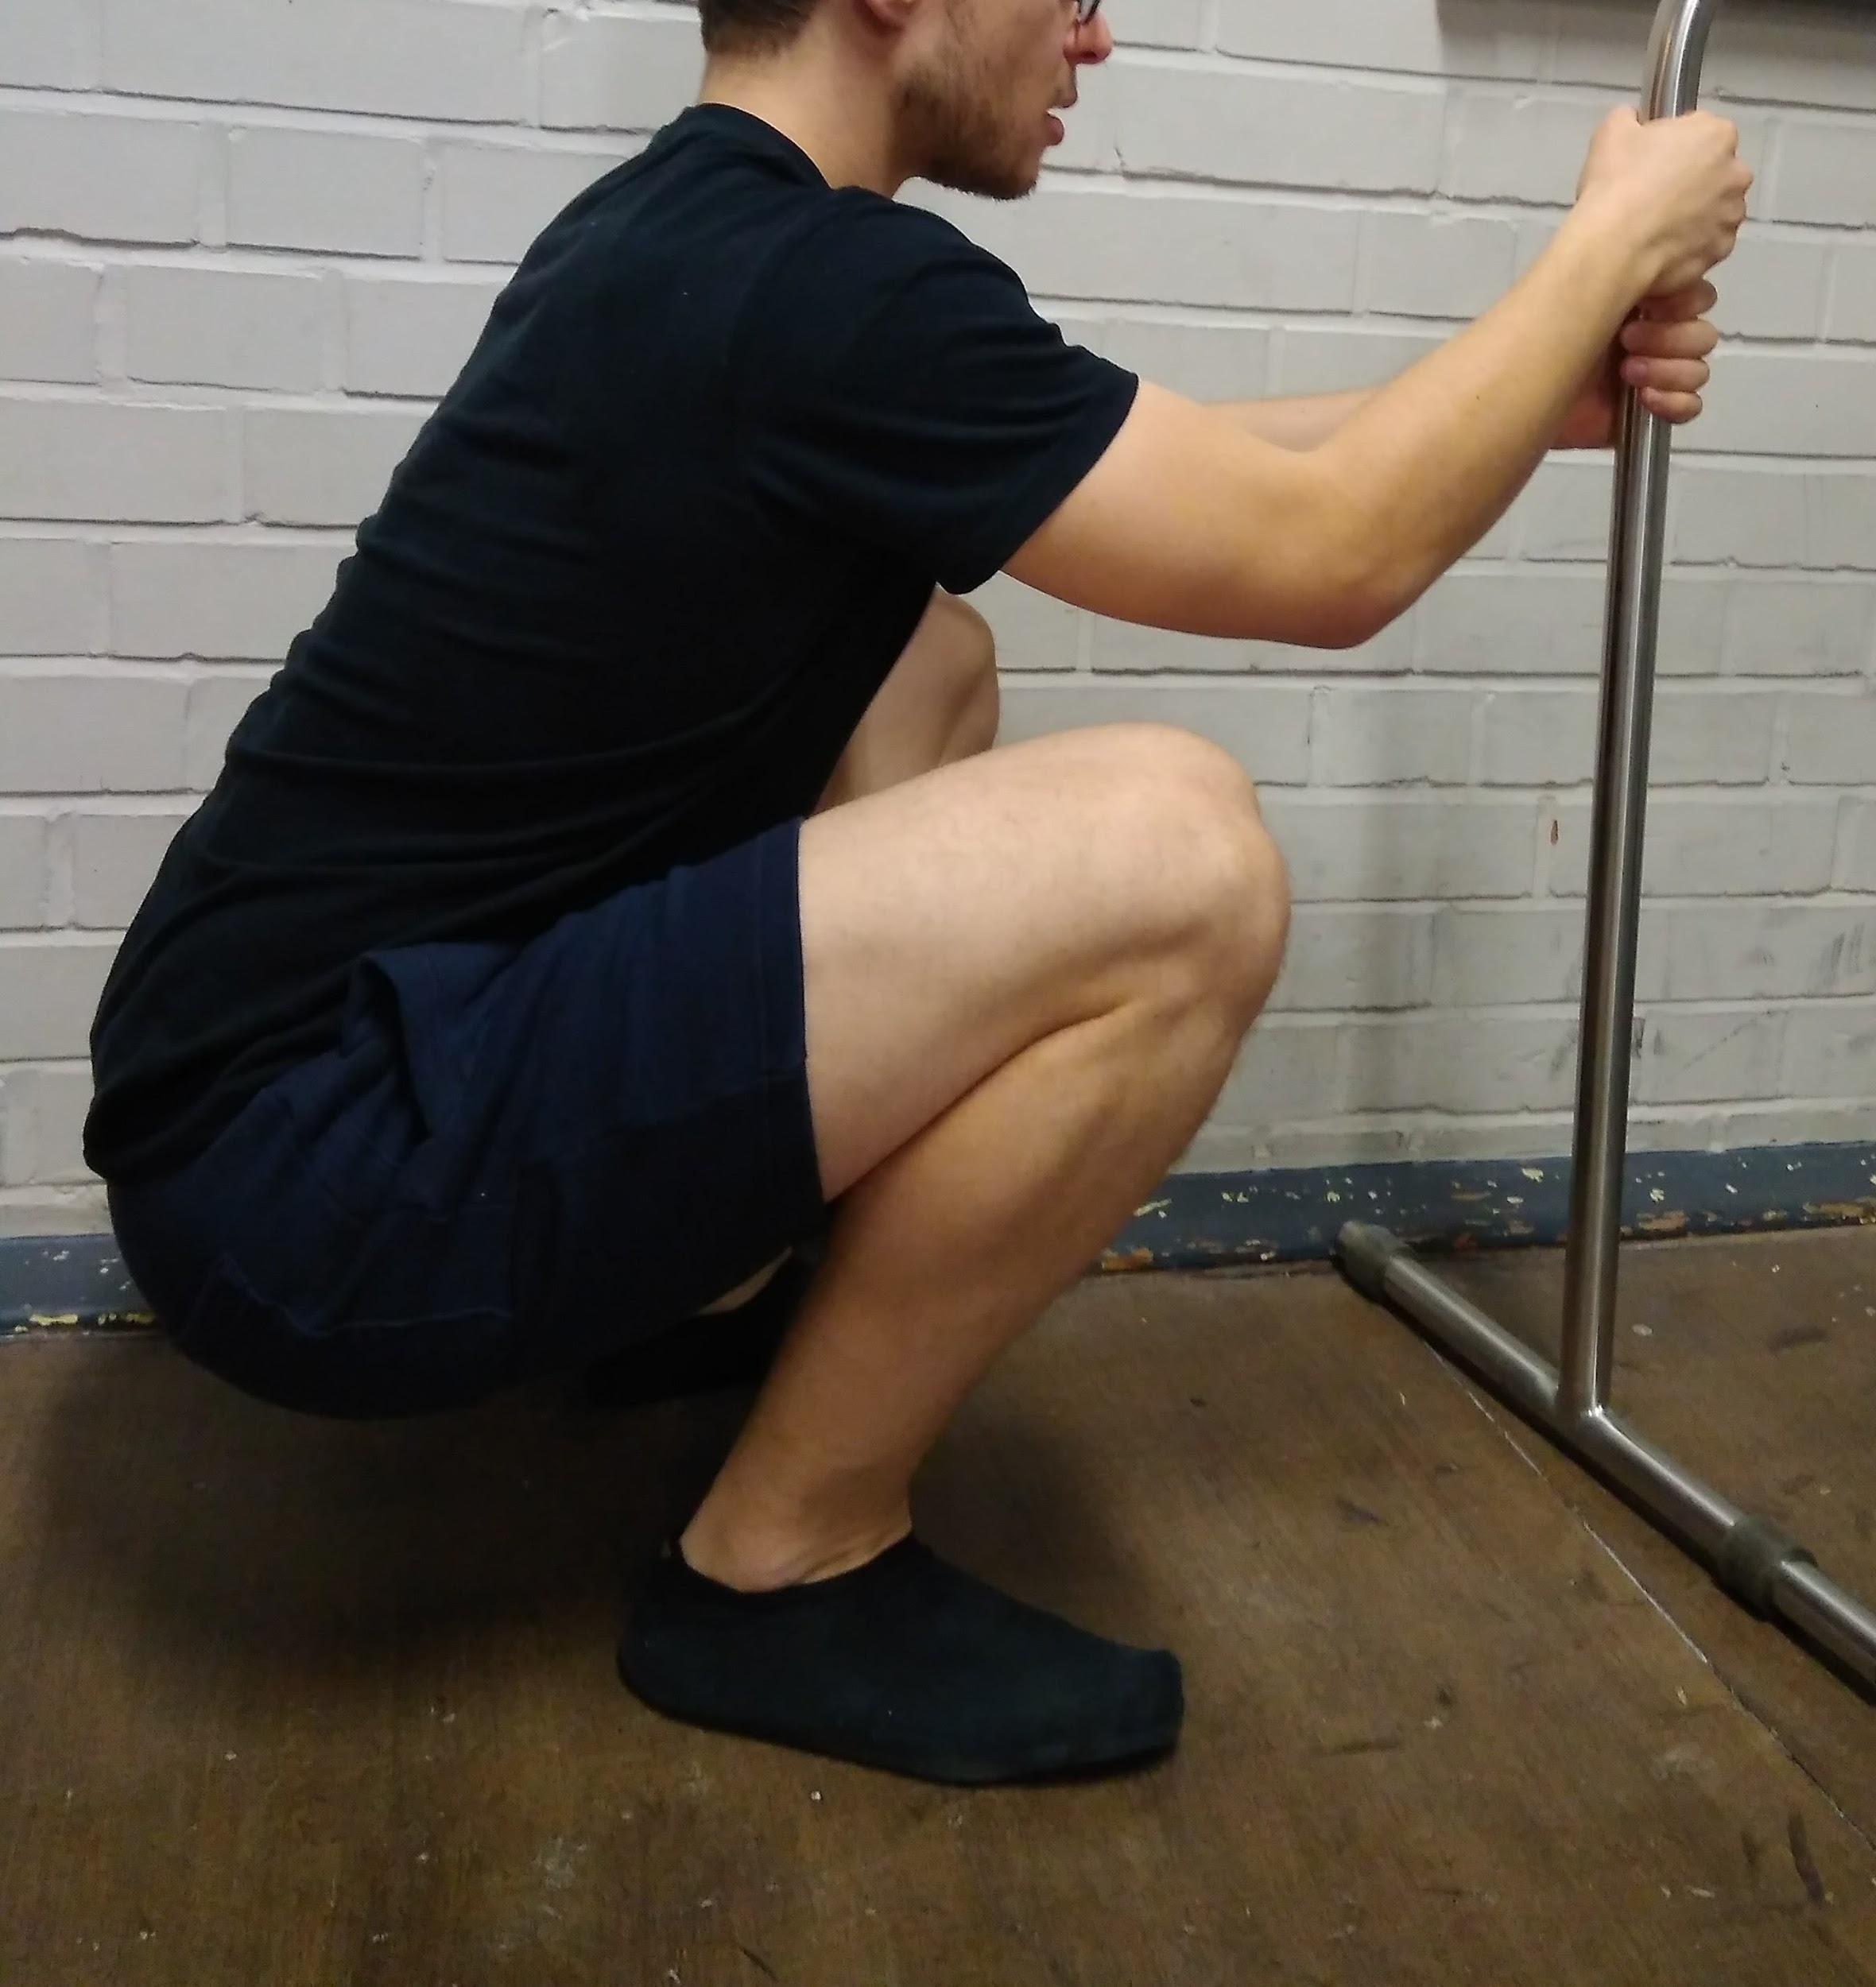 word image 35 - Butt-Wink beheben: So hälst du deinen Rücken gerade bei Kniebeugen